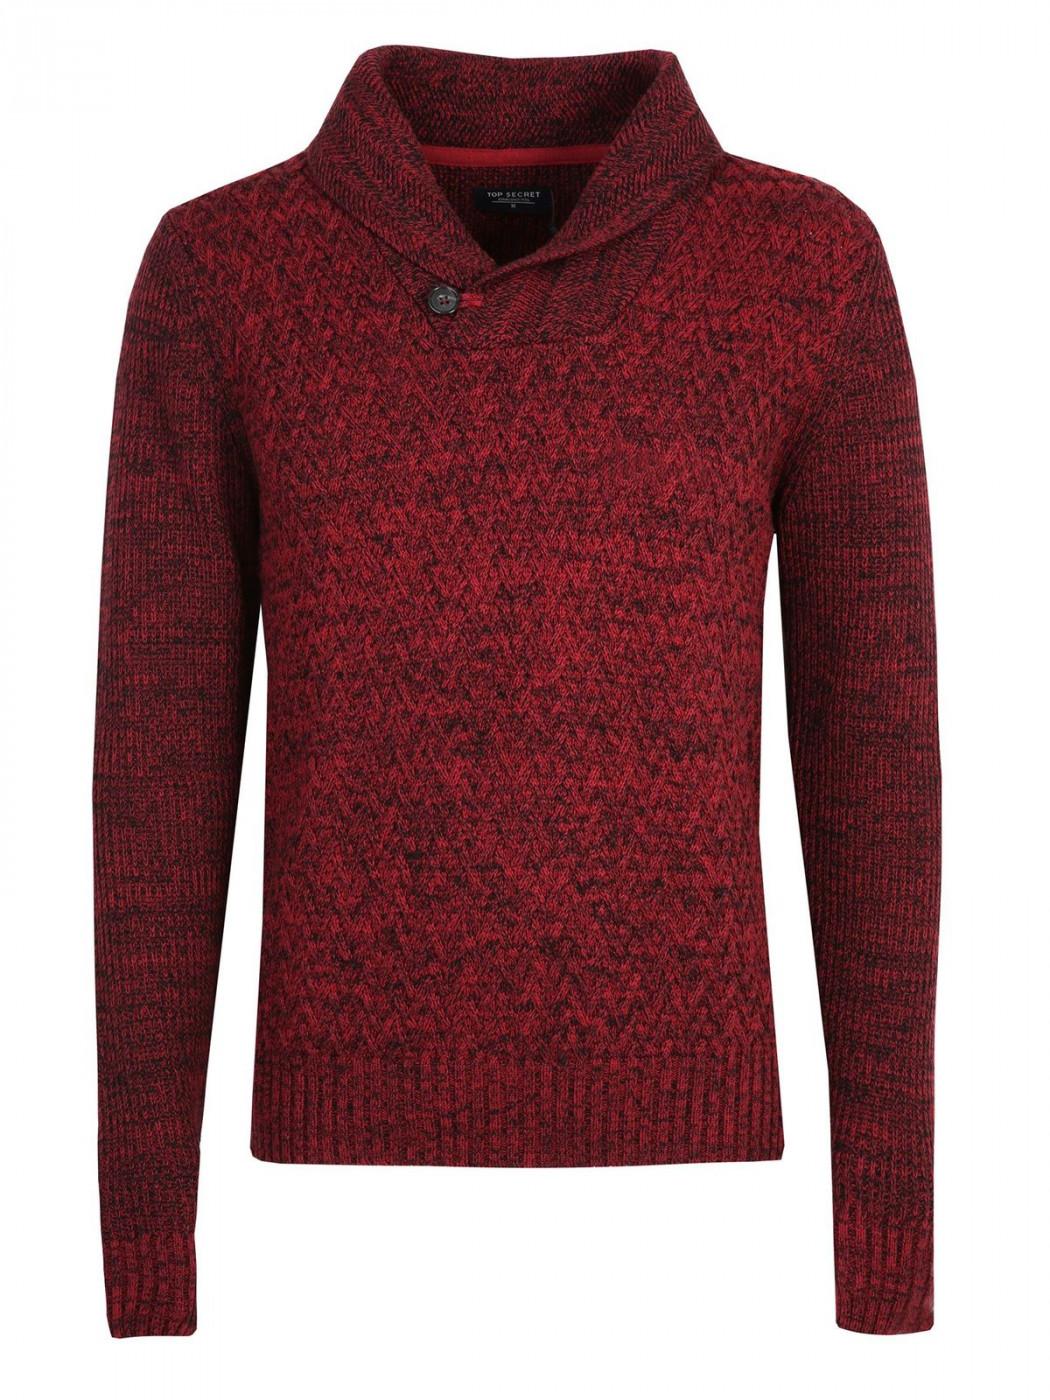 Men's sweater Top Secret Knitwear